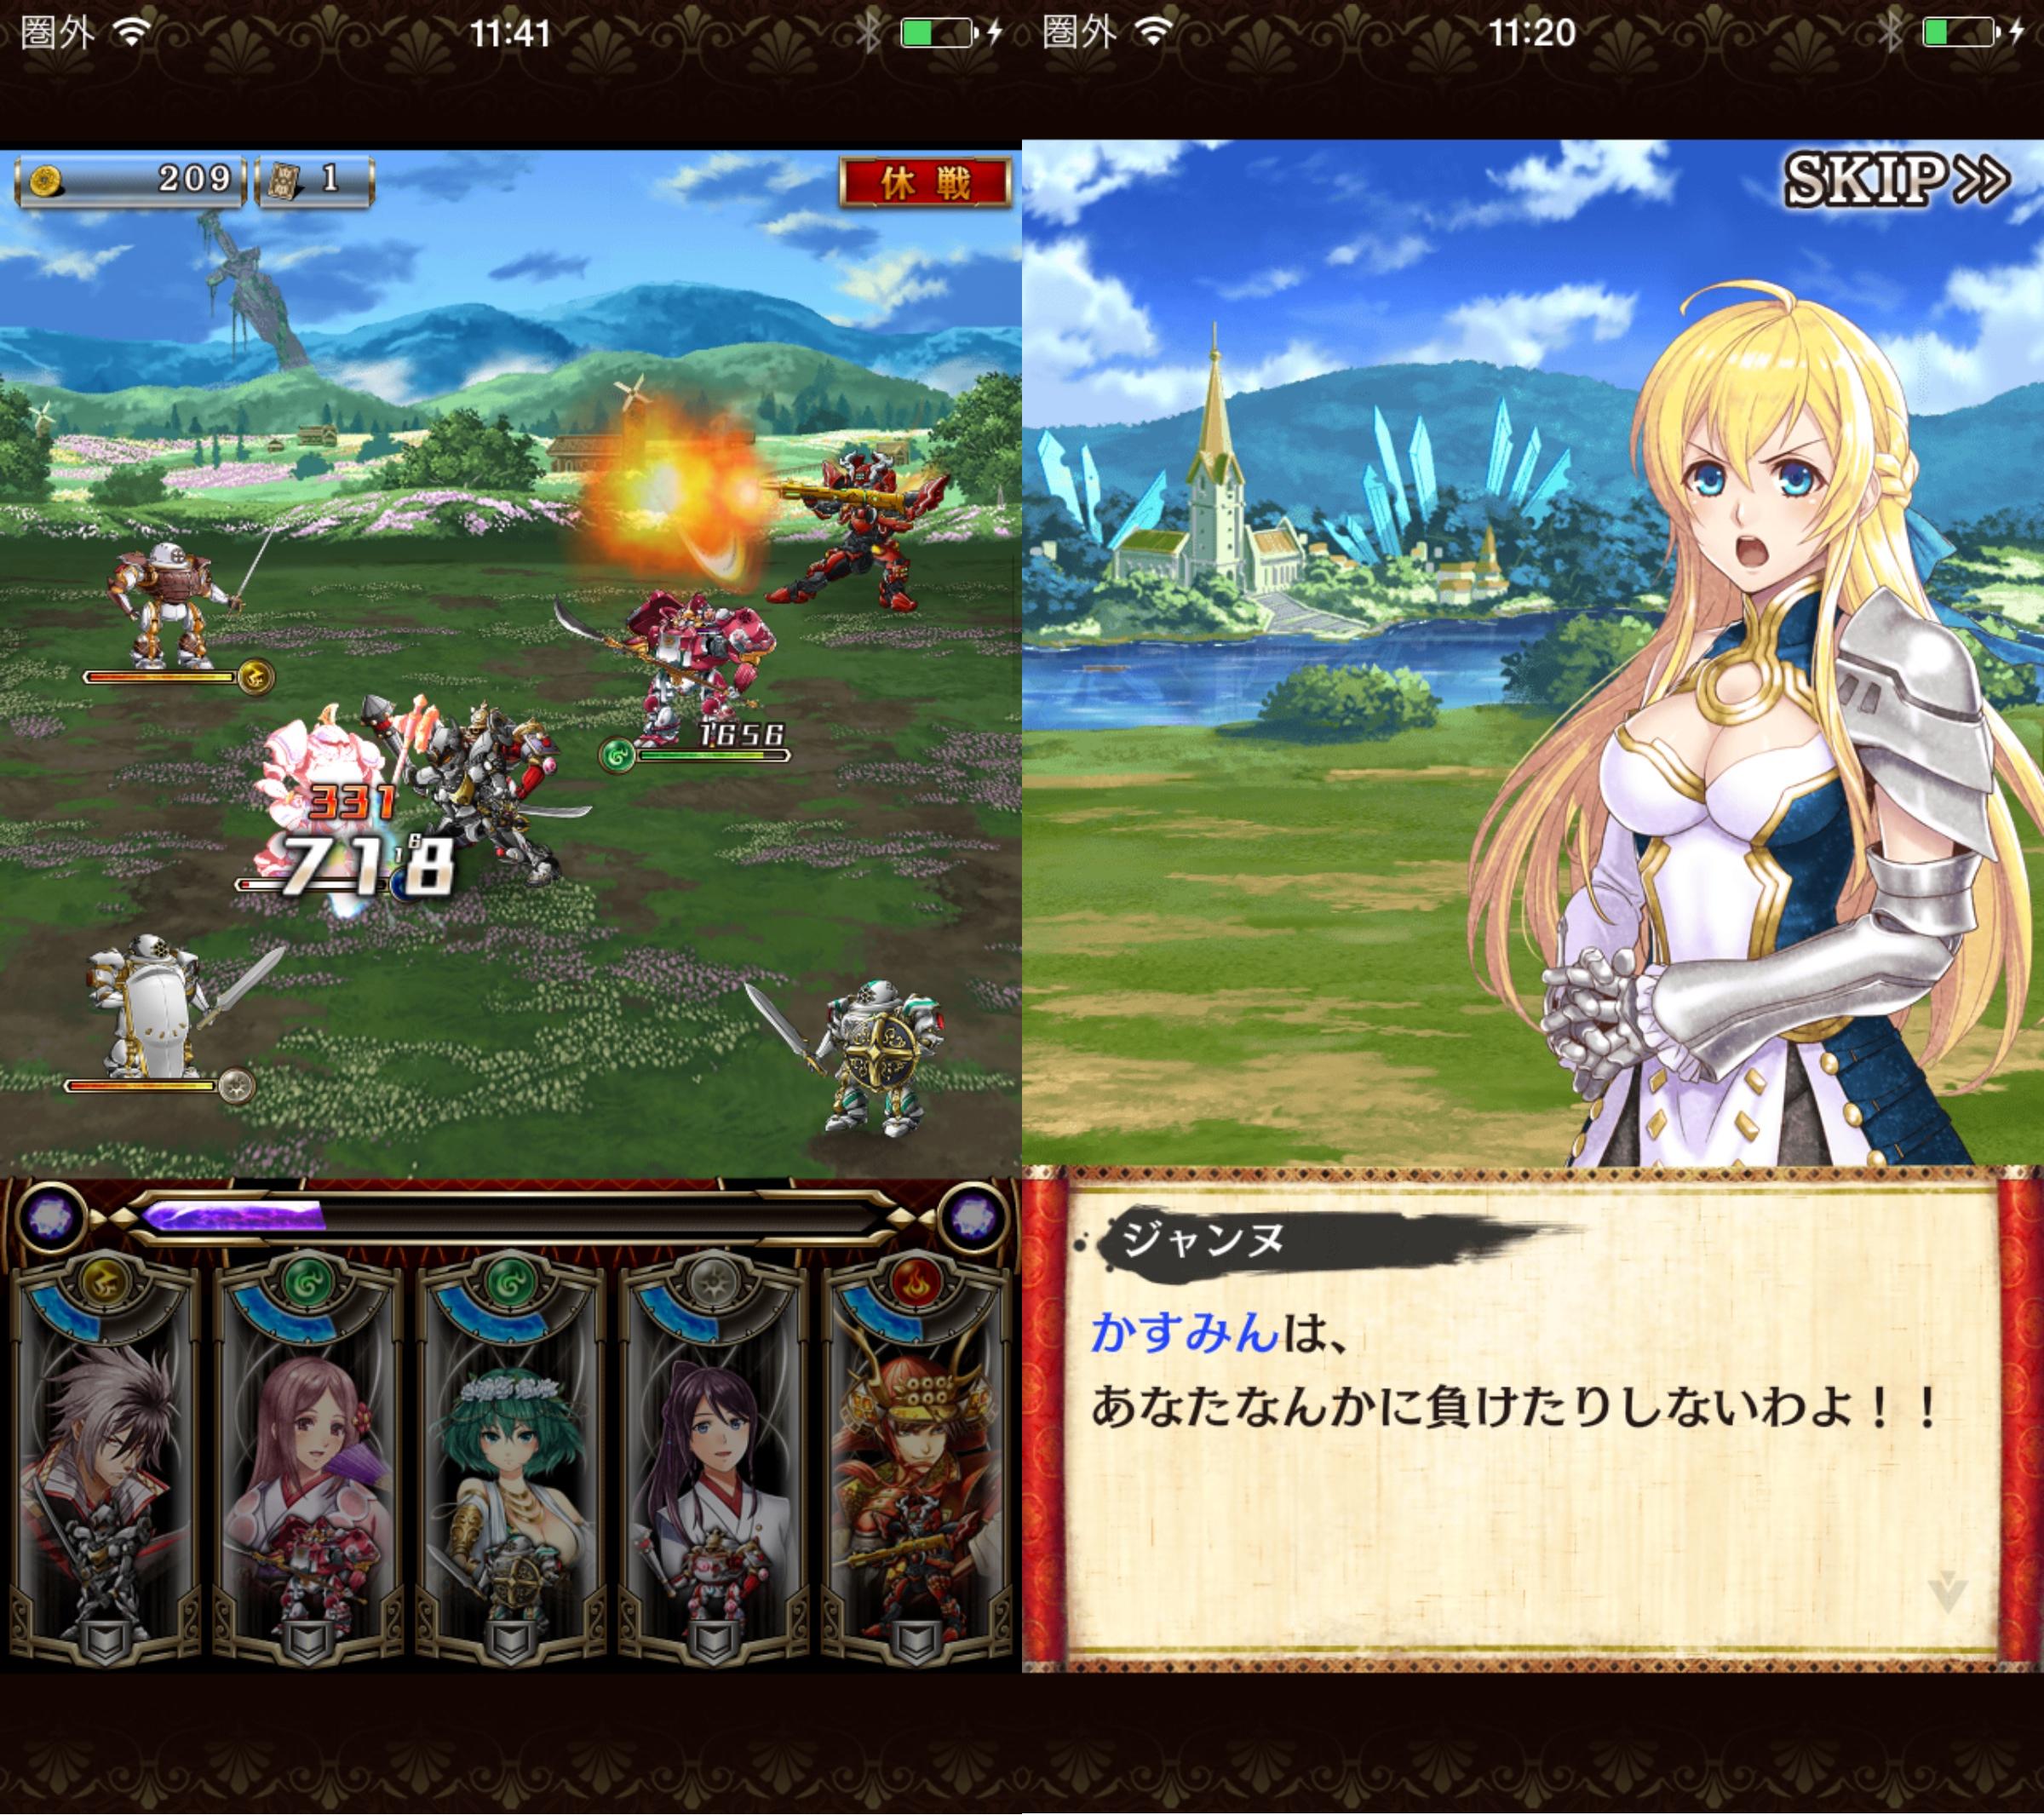 ノブナガ・ザ・フール 戦乱のレガリア androidアプリスクリーンショット1